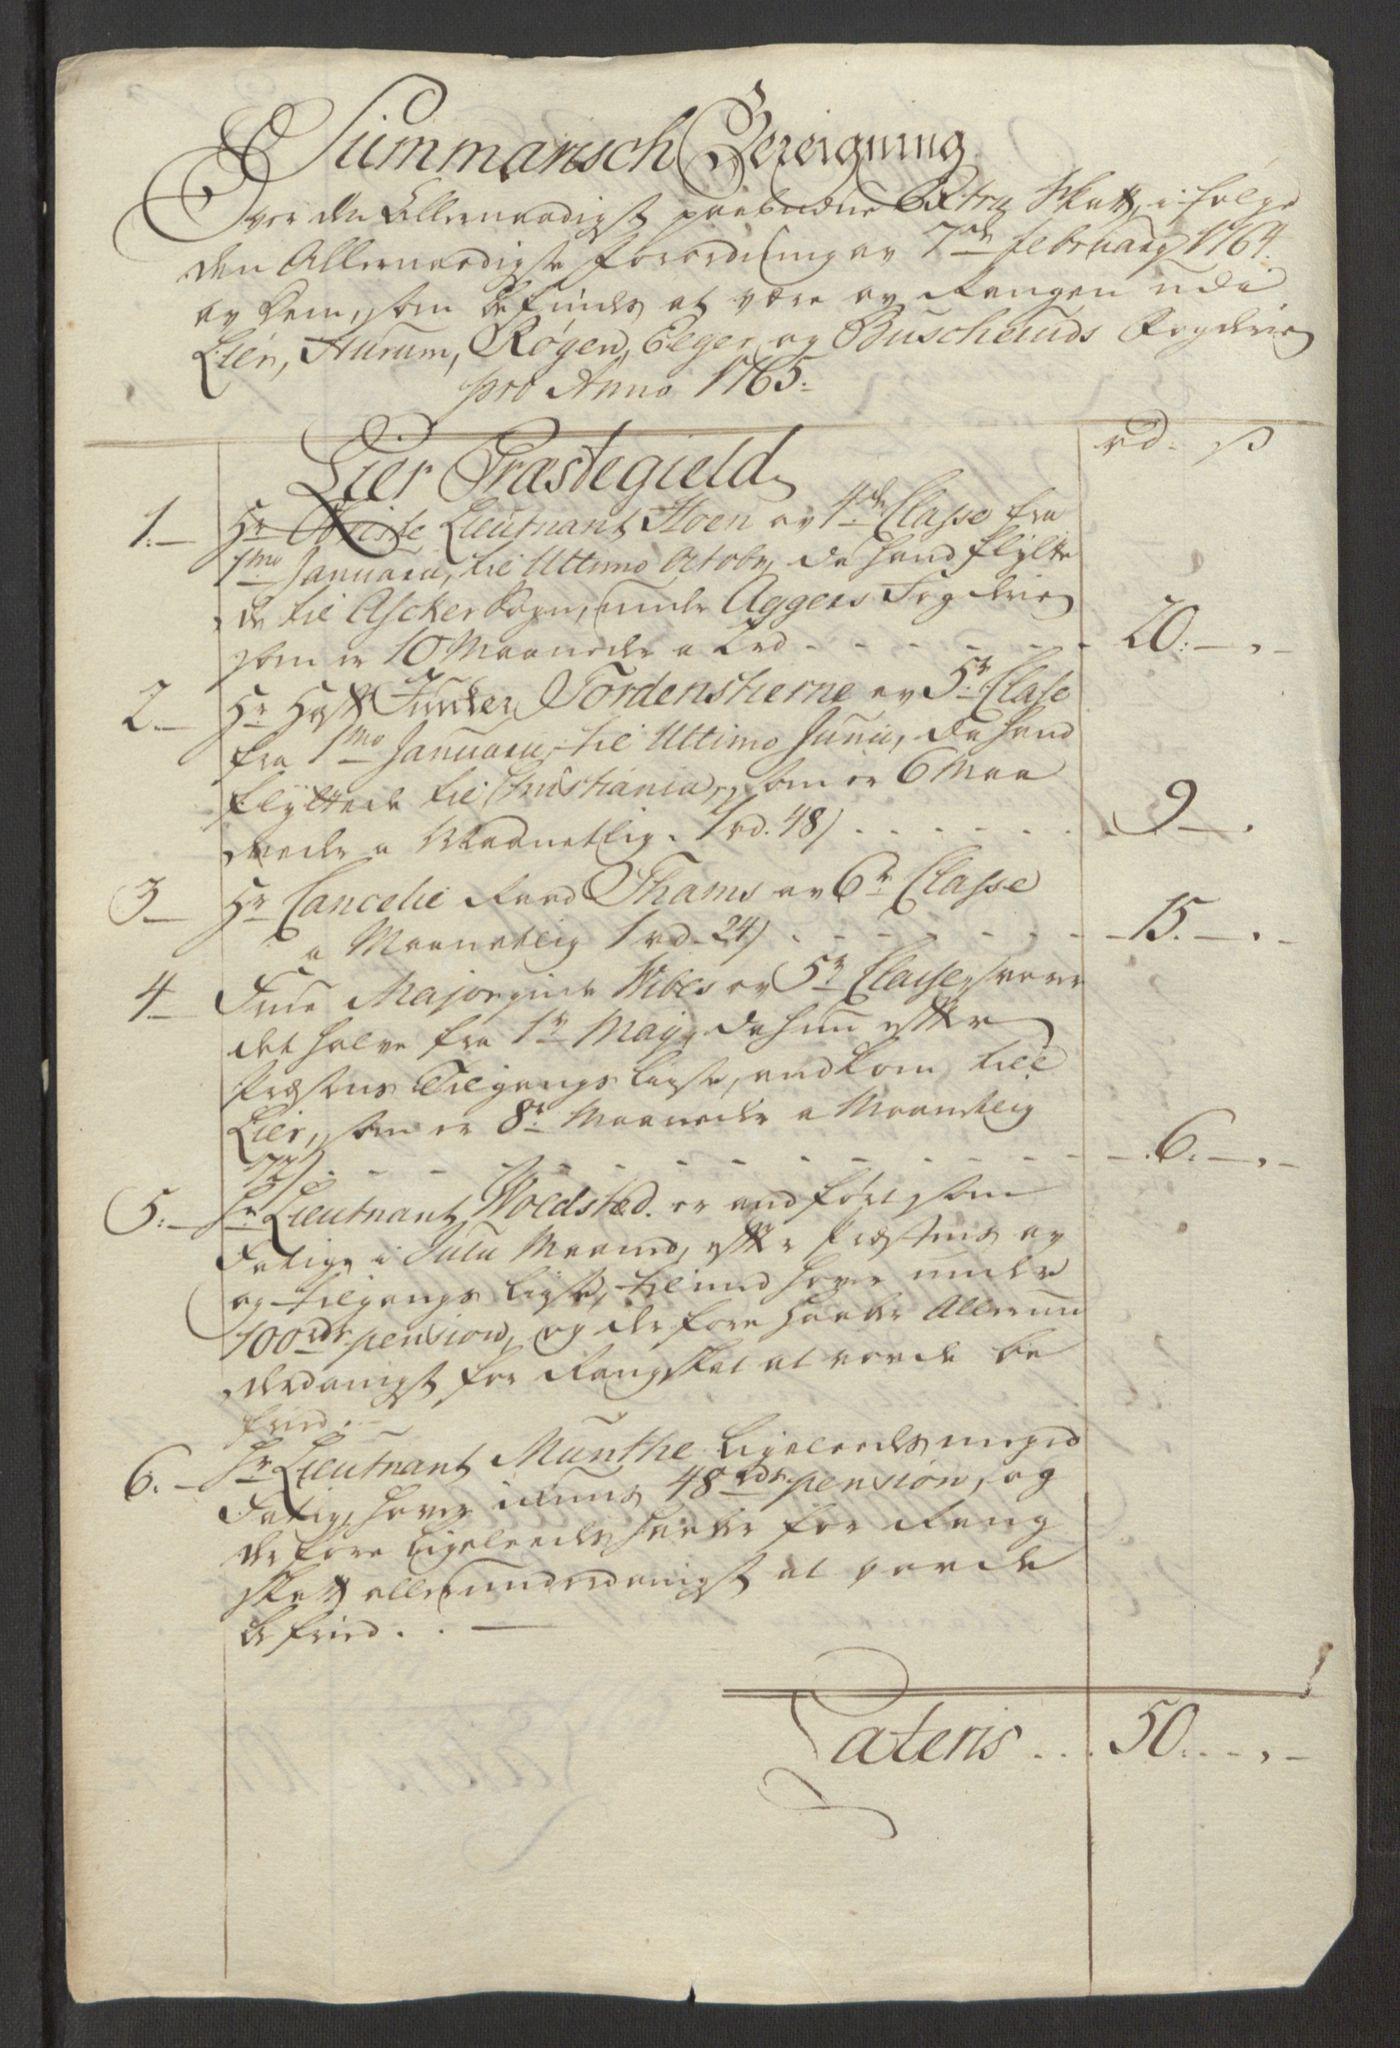 RA, Rentekammeret inntil 1814, Reviderte regnskaper, Fogderegnskap, R31/L1834: Ekstraskatten Hurum, Røyken, Eiker, Lier og Buskerud, 1765, s. 466